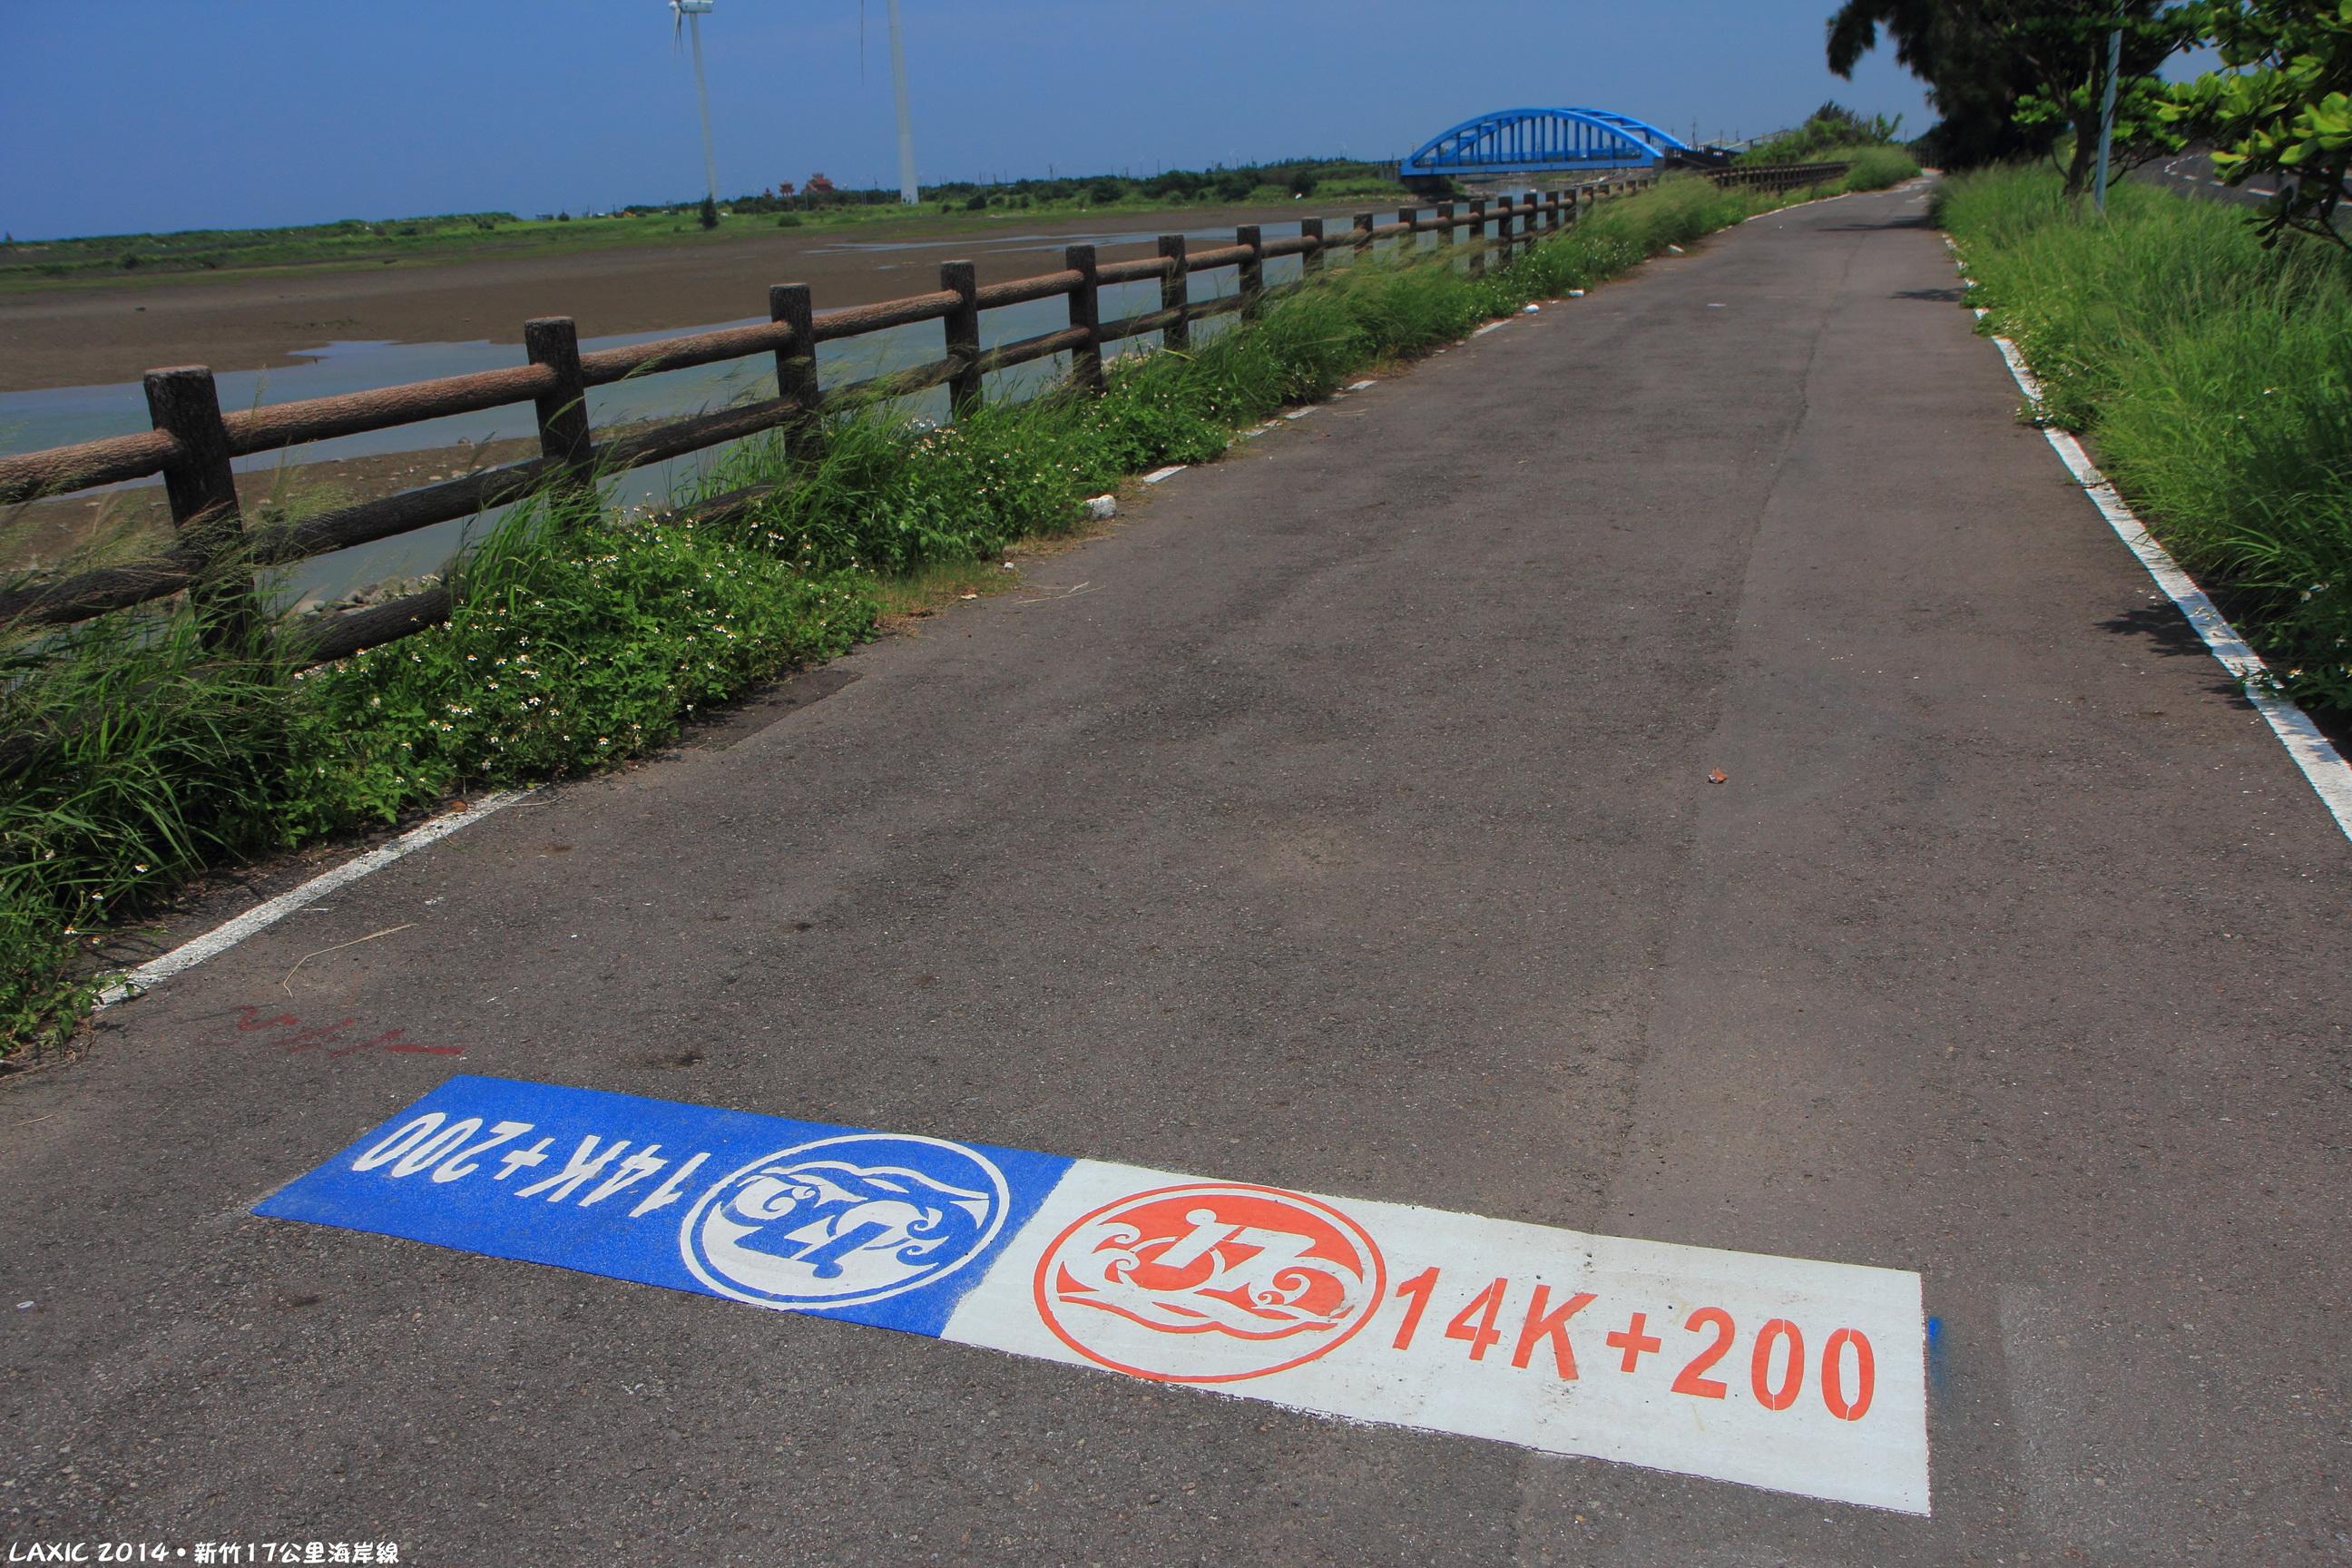 2014.06 新竹17公里海岸線